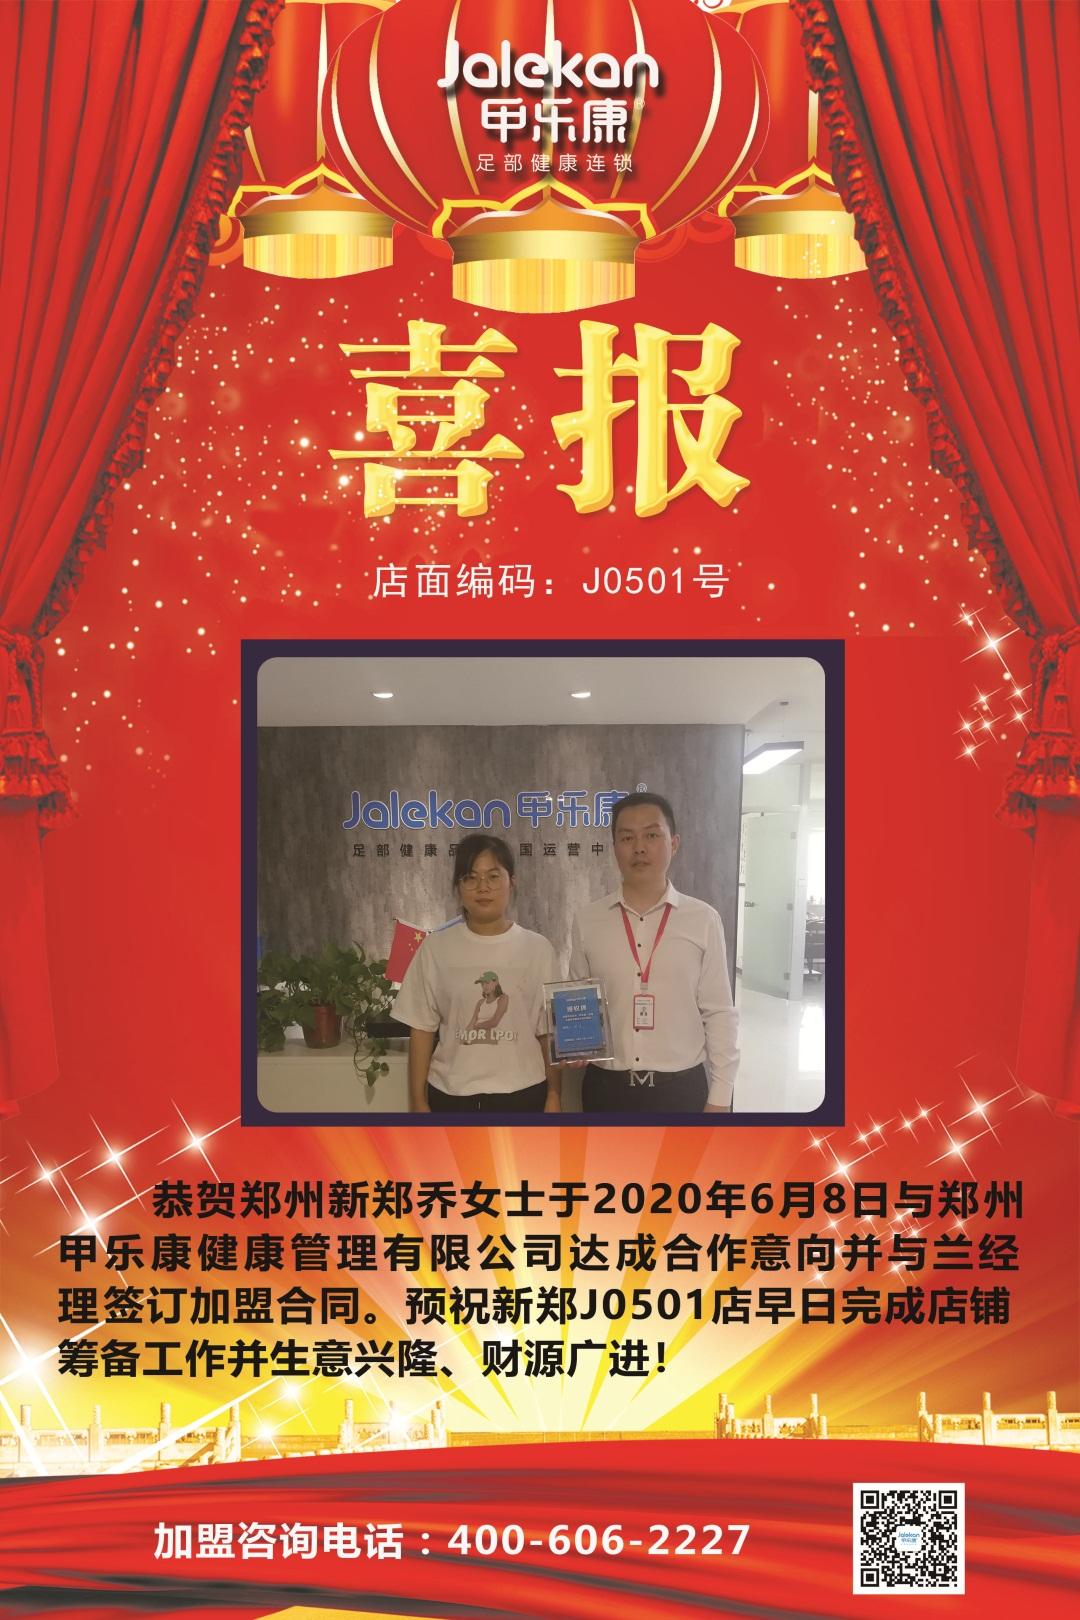 2020-6-8郑州新郑乔女士